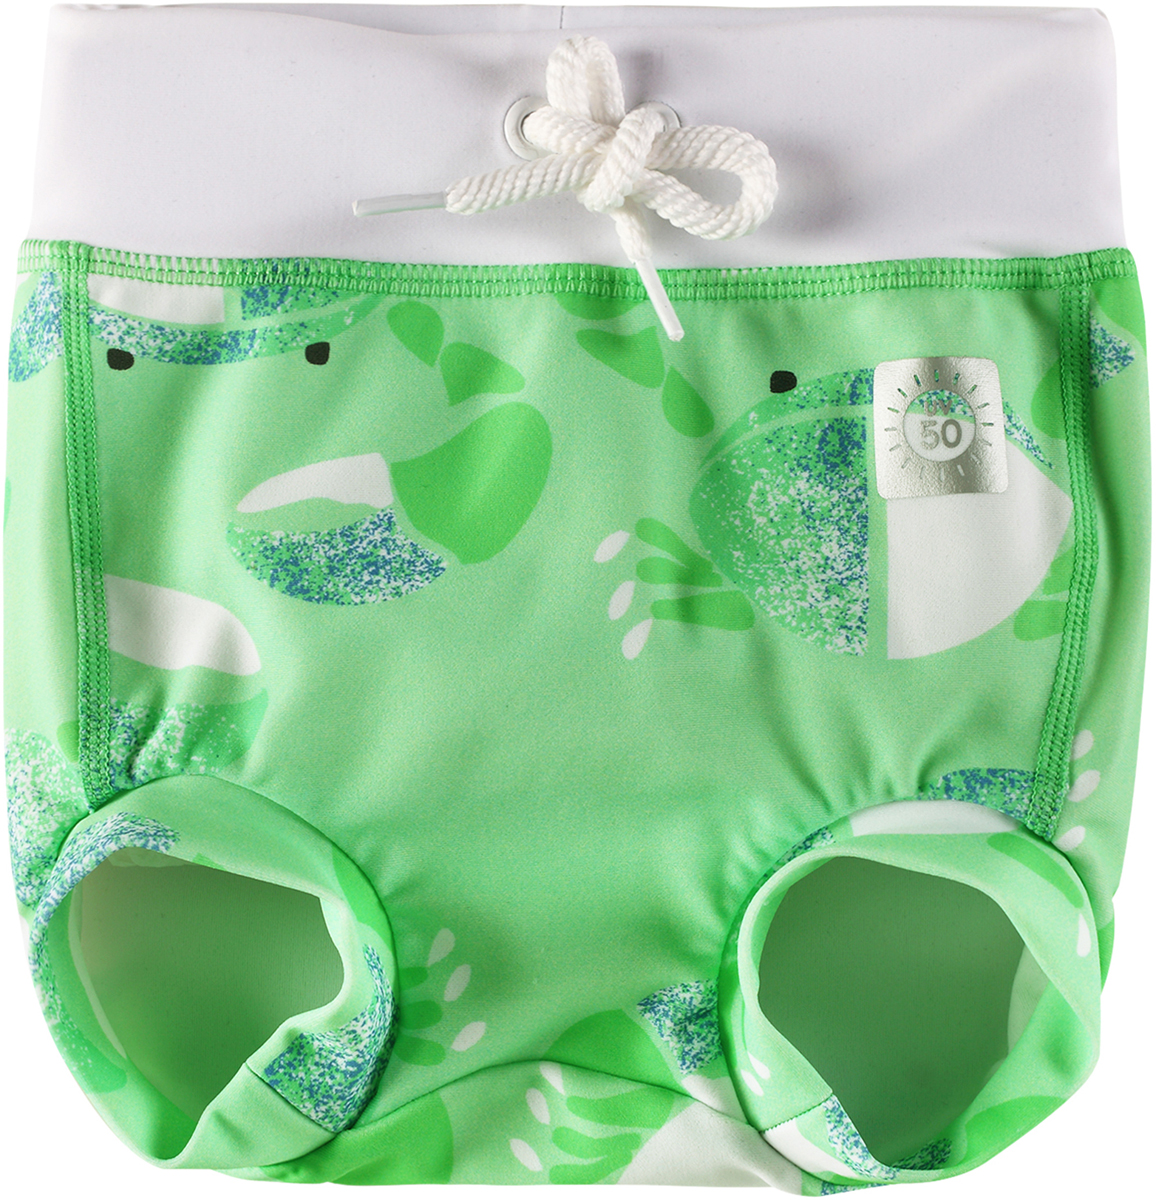 Купальные плавки детские Reima Belize, цвет: зеленый. 5163348073. Размер 74 guatemala belize 1 500 000